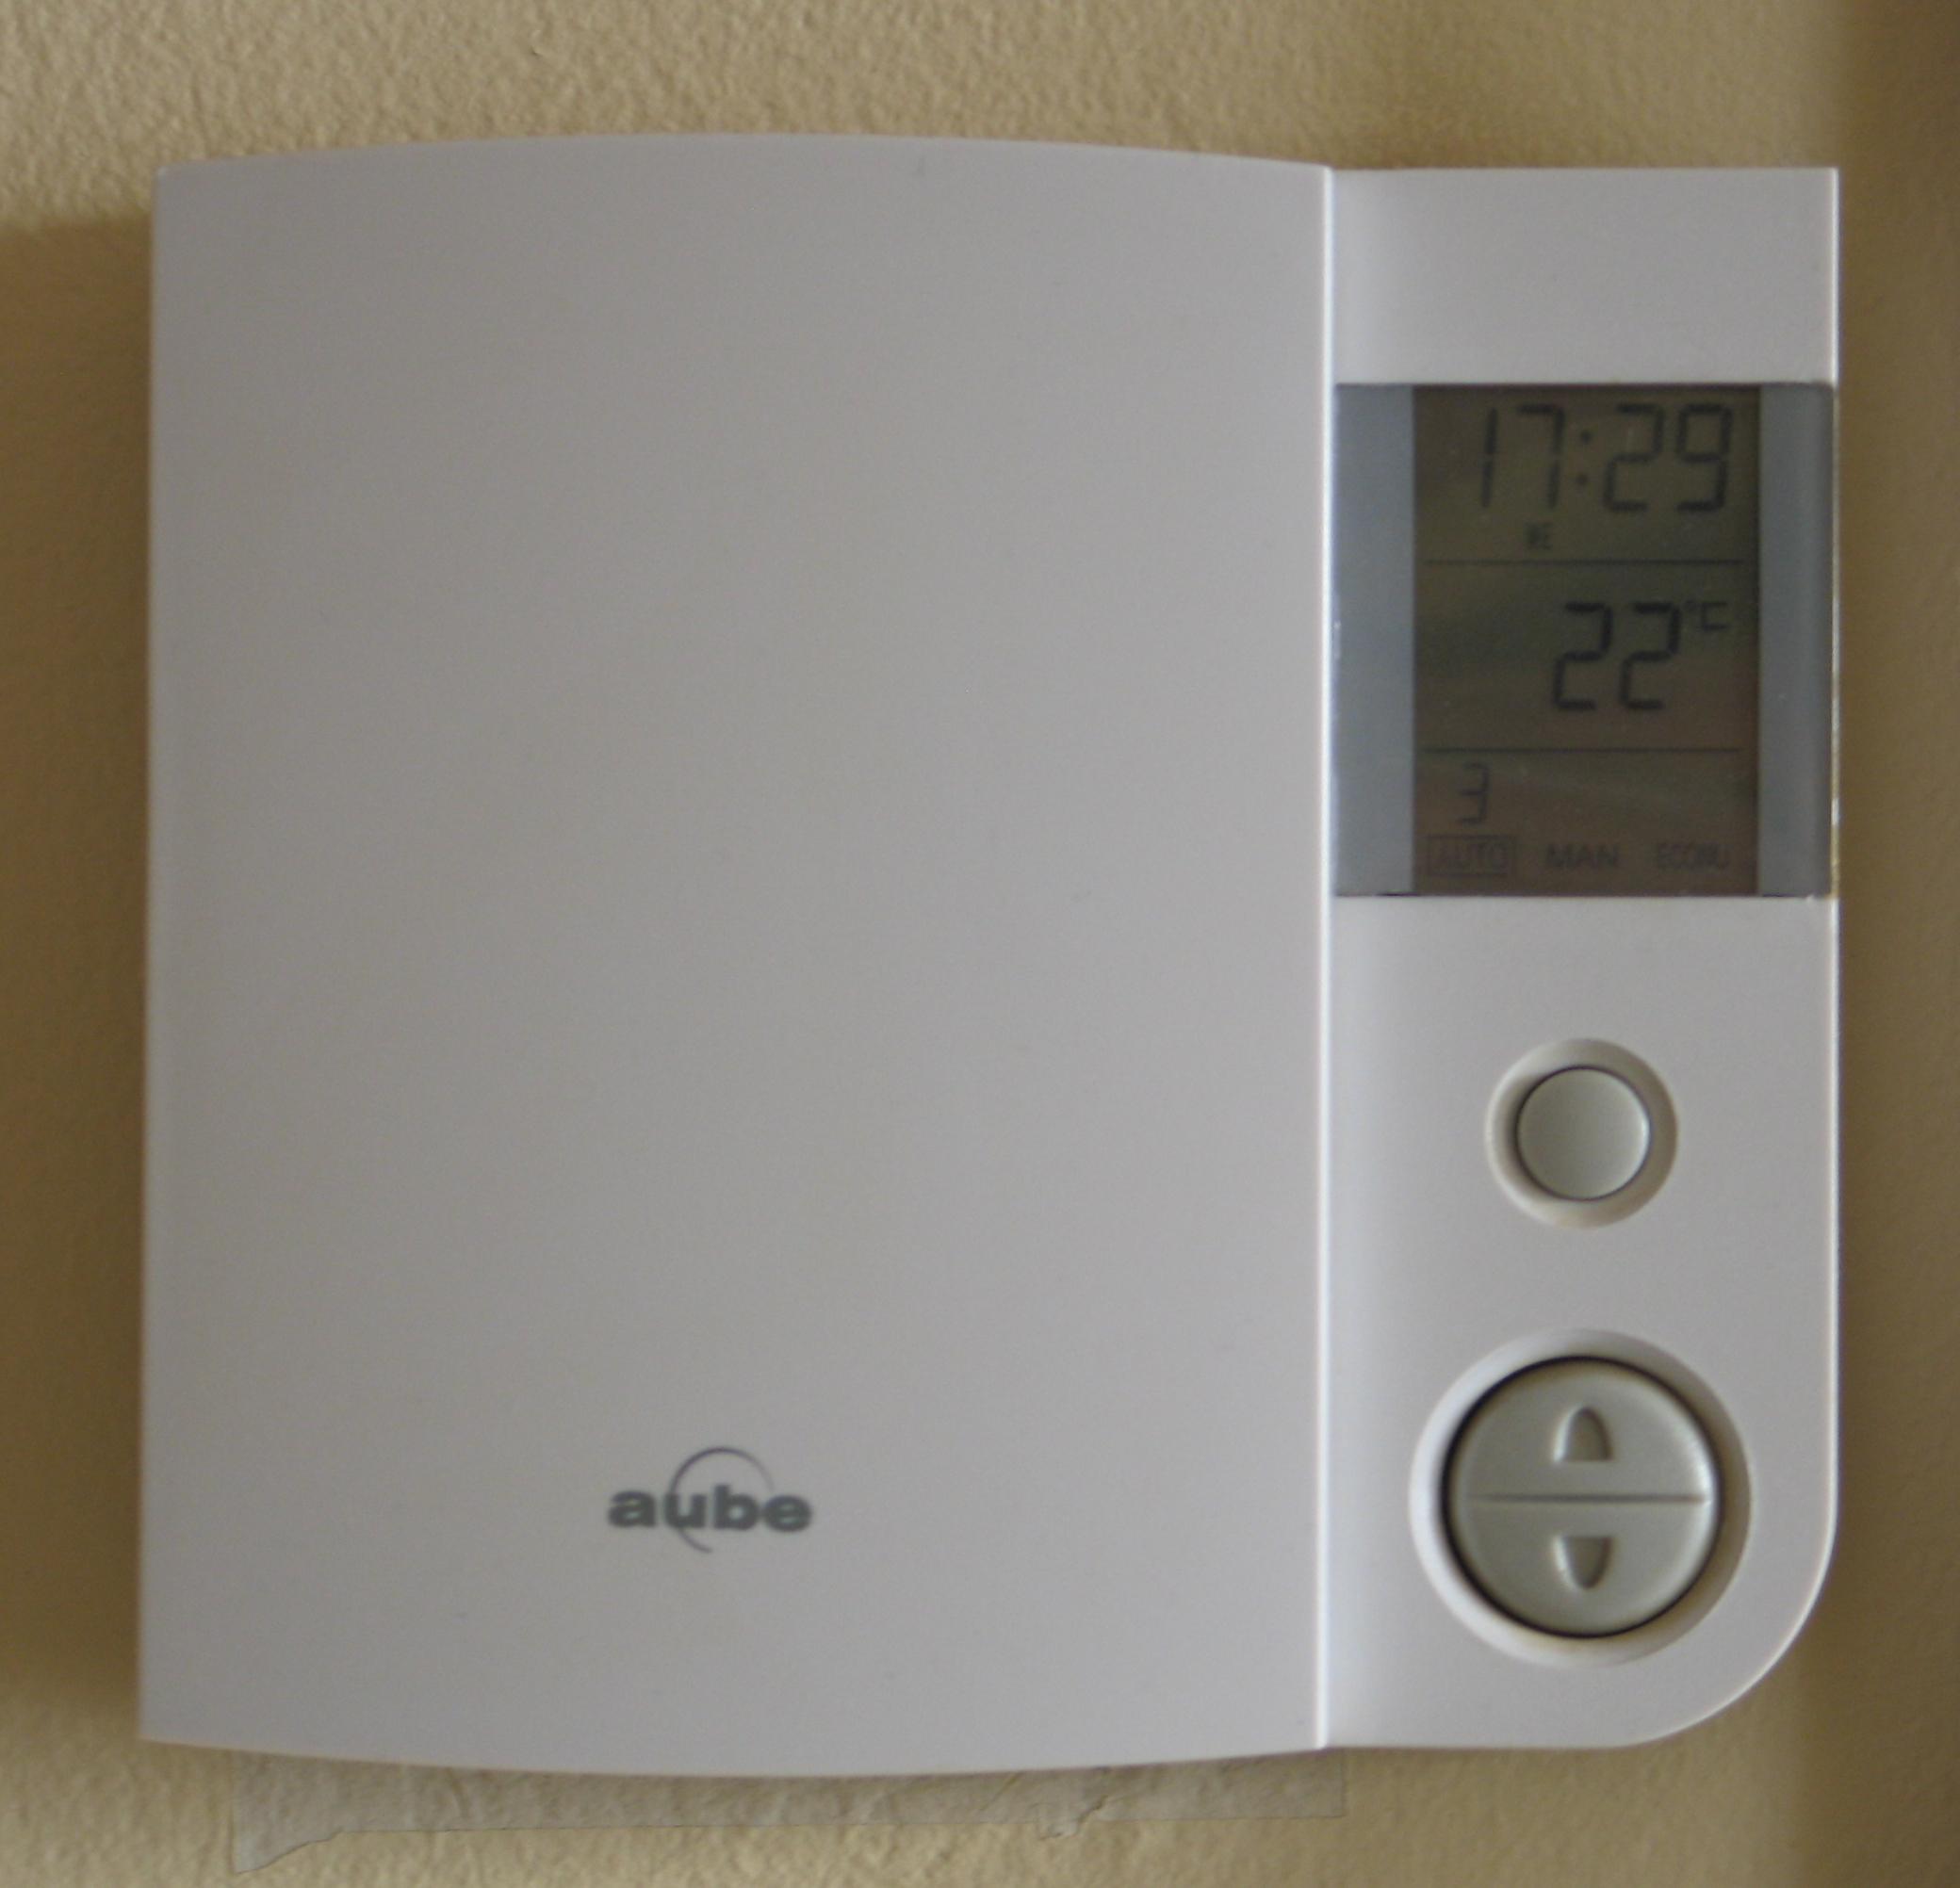 chauffage l 39 eau chaude lectrique ou au gaz prix de l. Black Bedroom Furniture Sets. Home Design Ideas